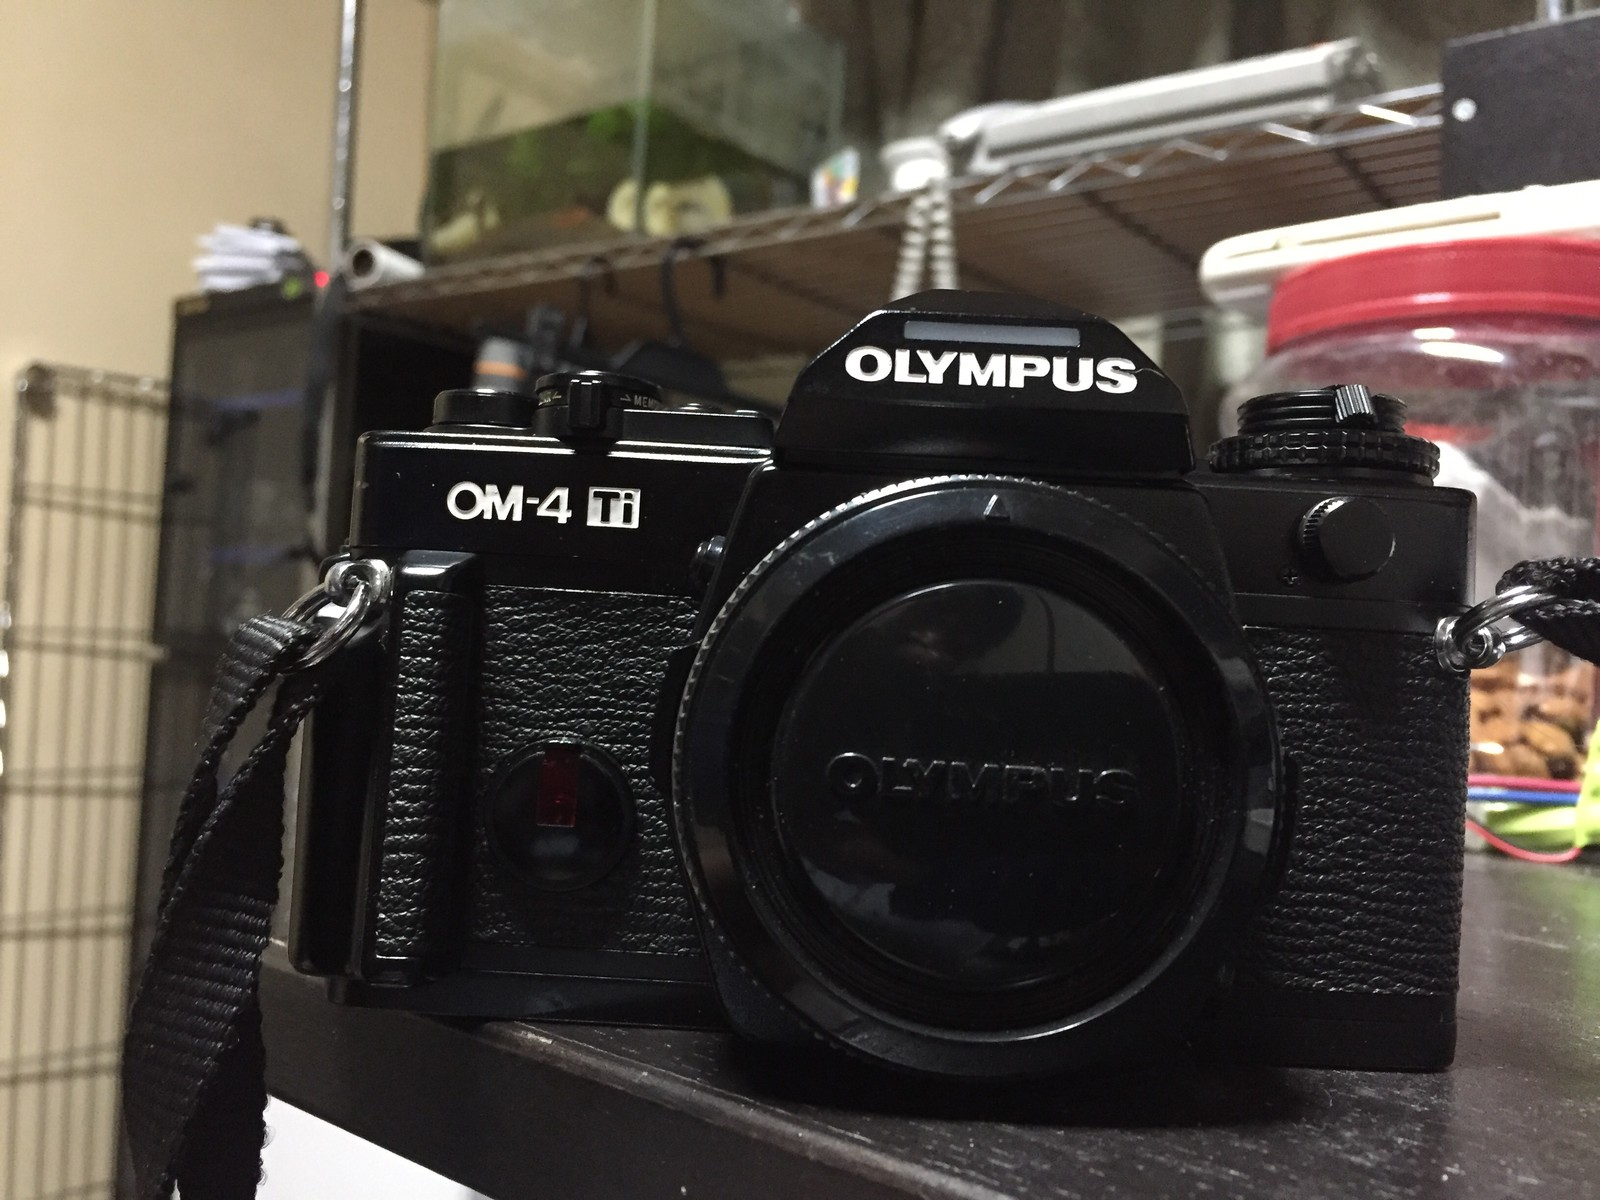 KüHn Olympus Om4 Analogkameras Foto & Camcorder